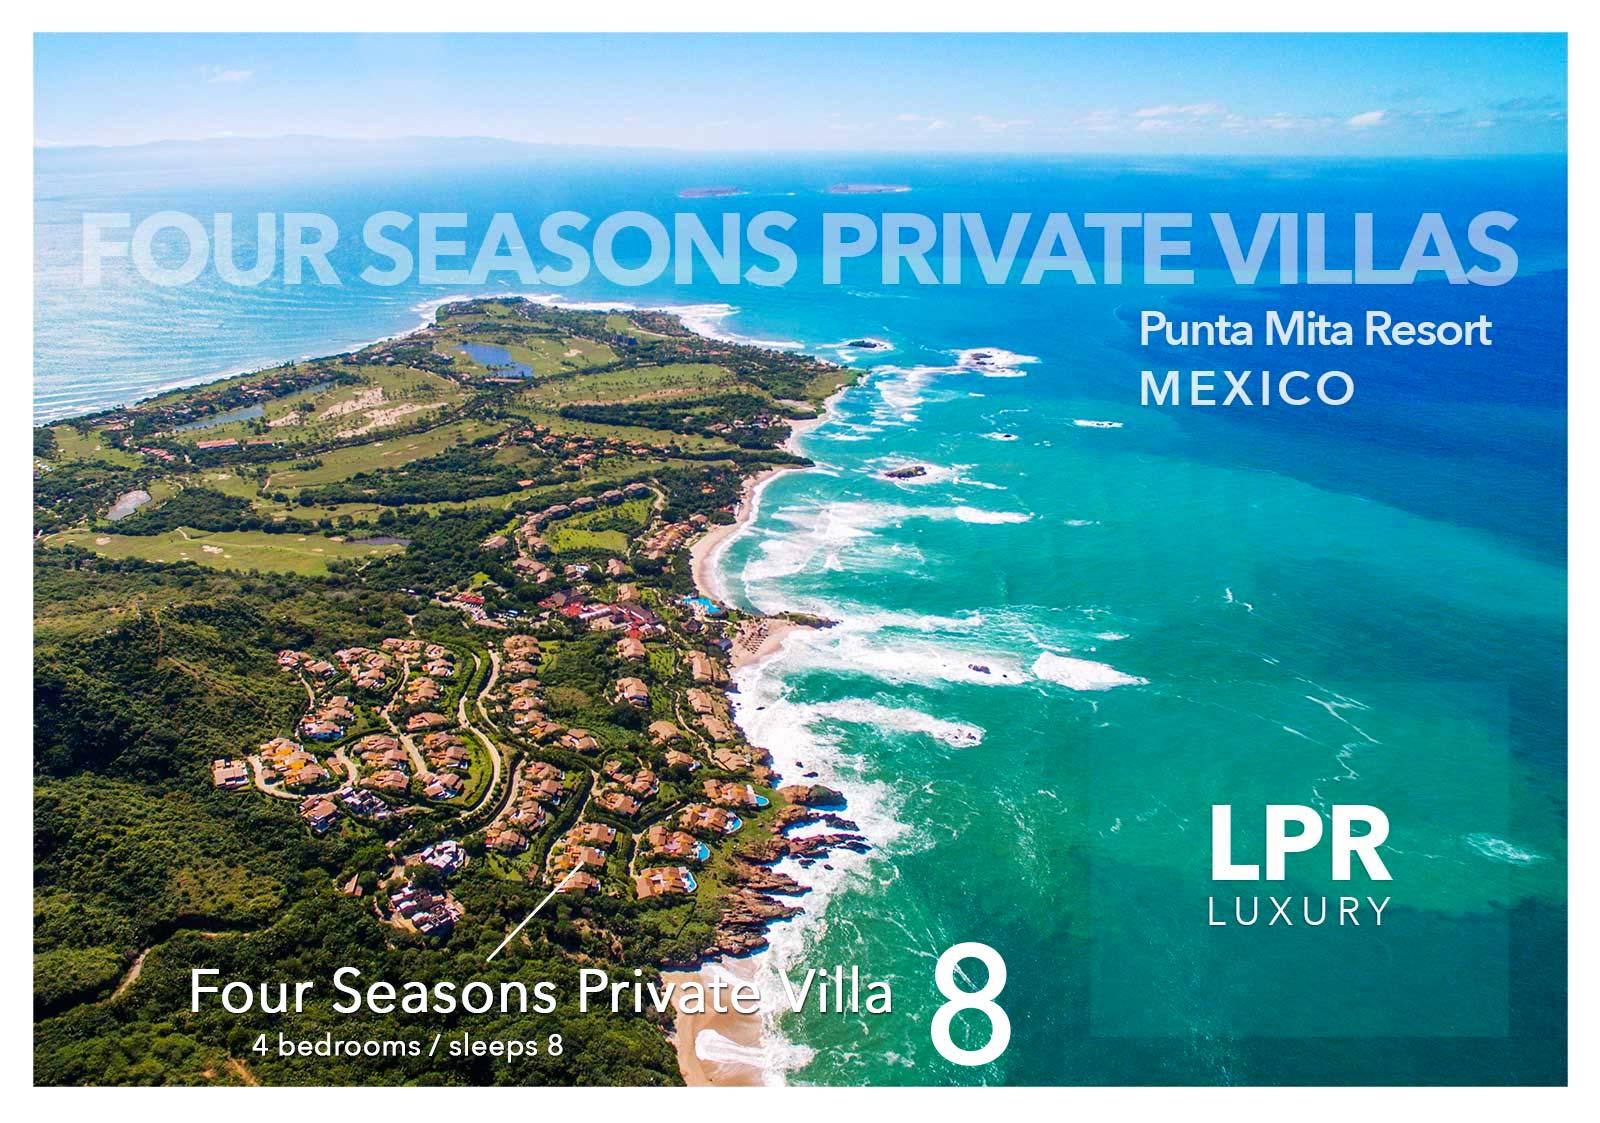 Four Seasons Private Villa 8 at the Punta Mita Resort, Riviera Nayarit, Mexico